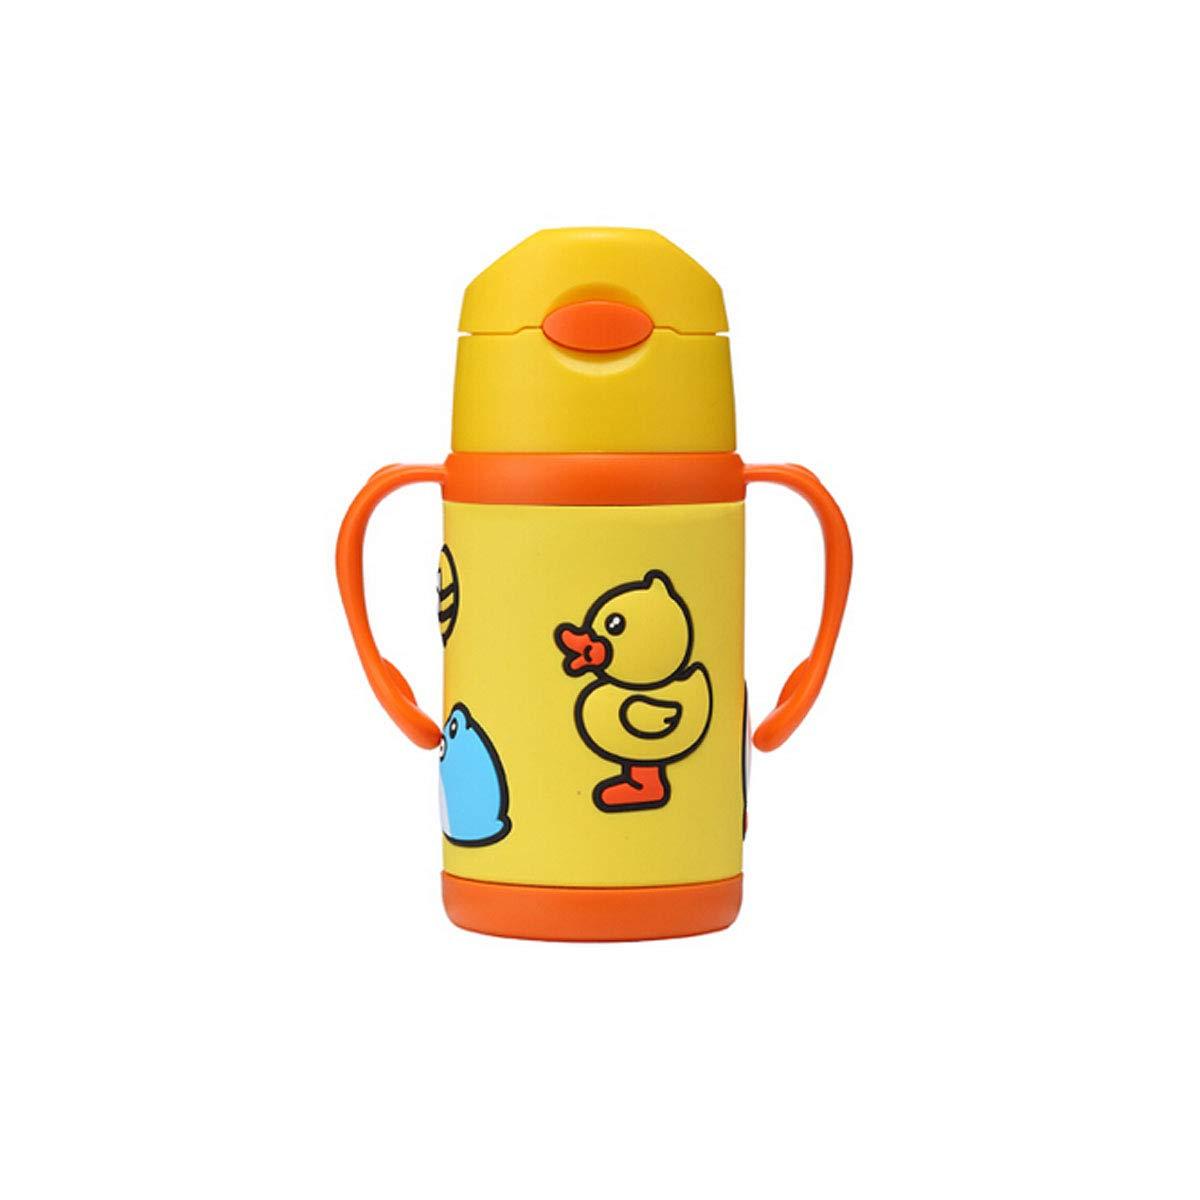 低価格の ストローカップ 10オンス ステンレススチール イエロー シッピーカップ ベビー&幼児用 シリコンストロー イエロー ハンドル付き イエロー グリーン B07NSMXY1R イエロー chenjinxiang イエロー B07NSMXY1R, エコウェーブ:f9b48dad --- a0267596.xsph.ru